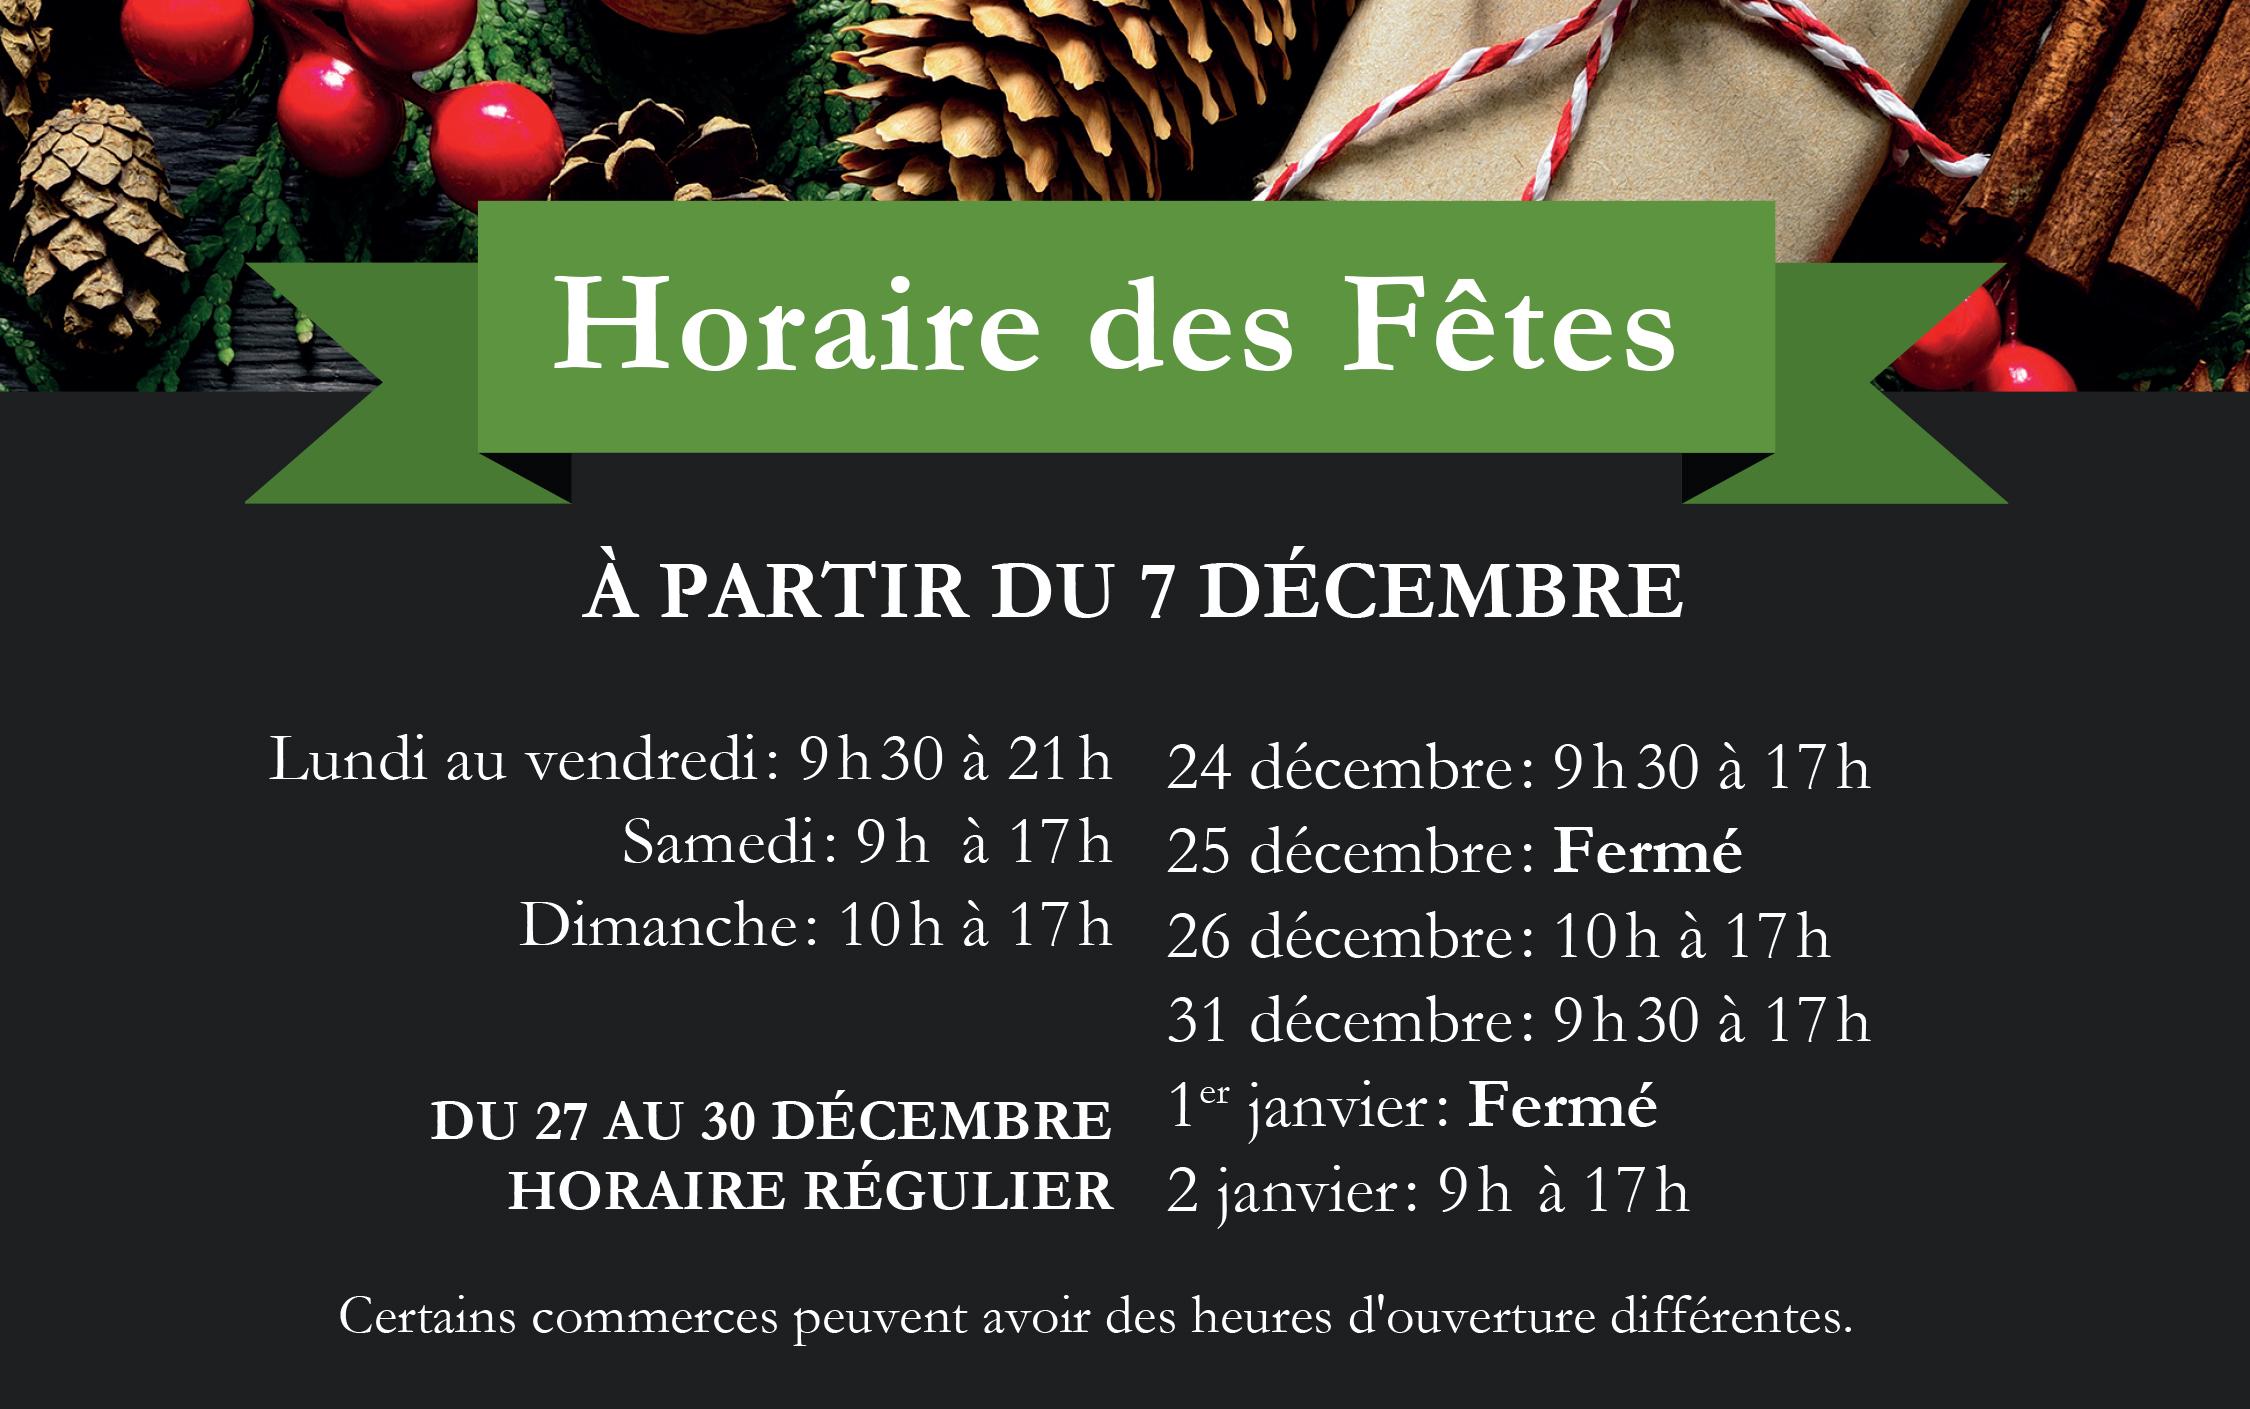 GaleriesChaudiere_HoraireFetes_web-1